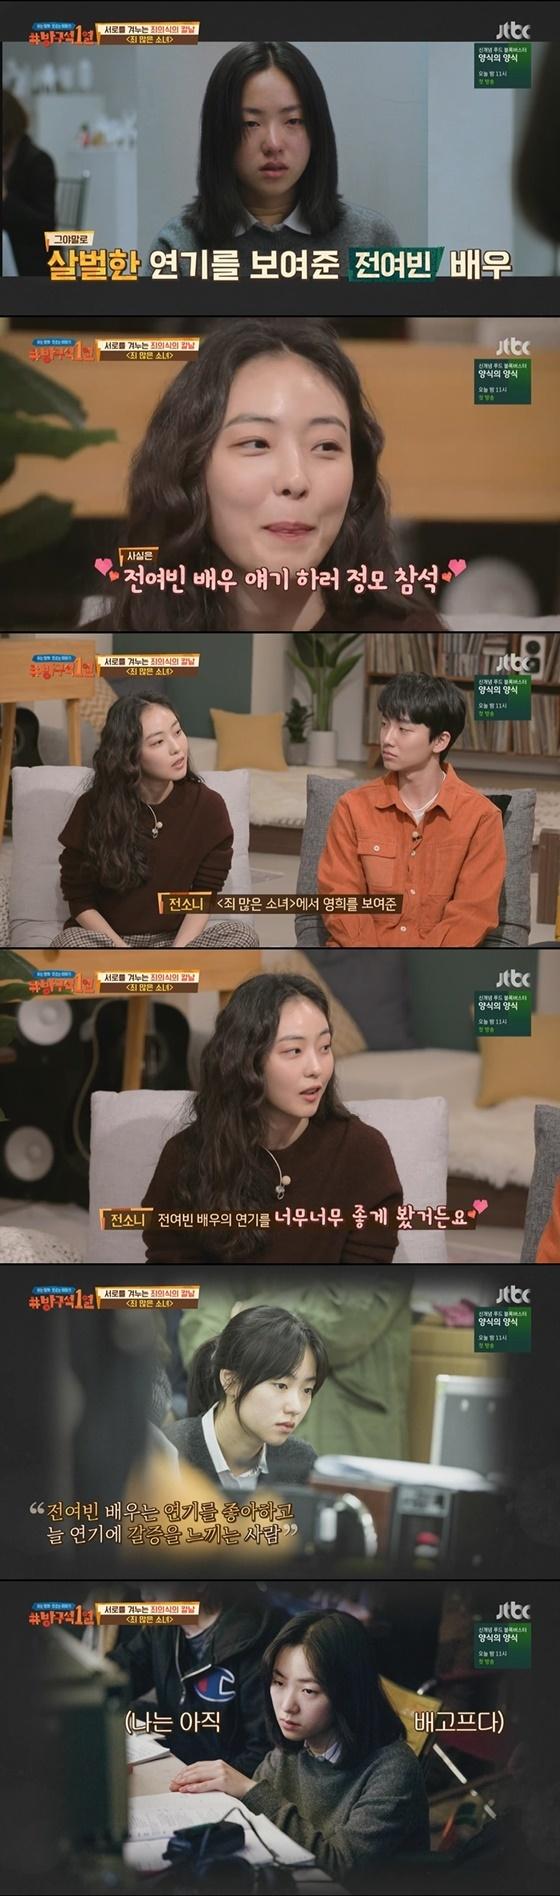 영화 '죄 많은 소녀'의 전여빈, 전소니 /사진=JTBC '방구석 1열' 방송화면 캡처